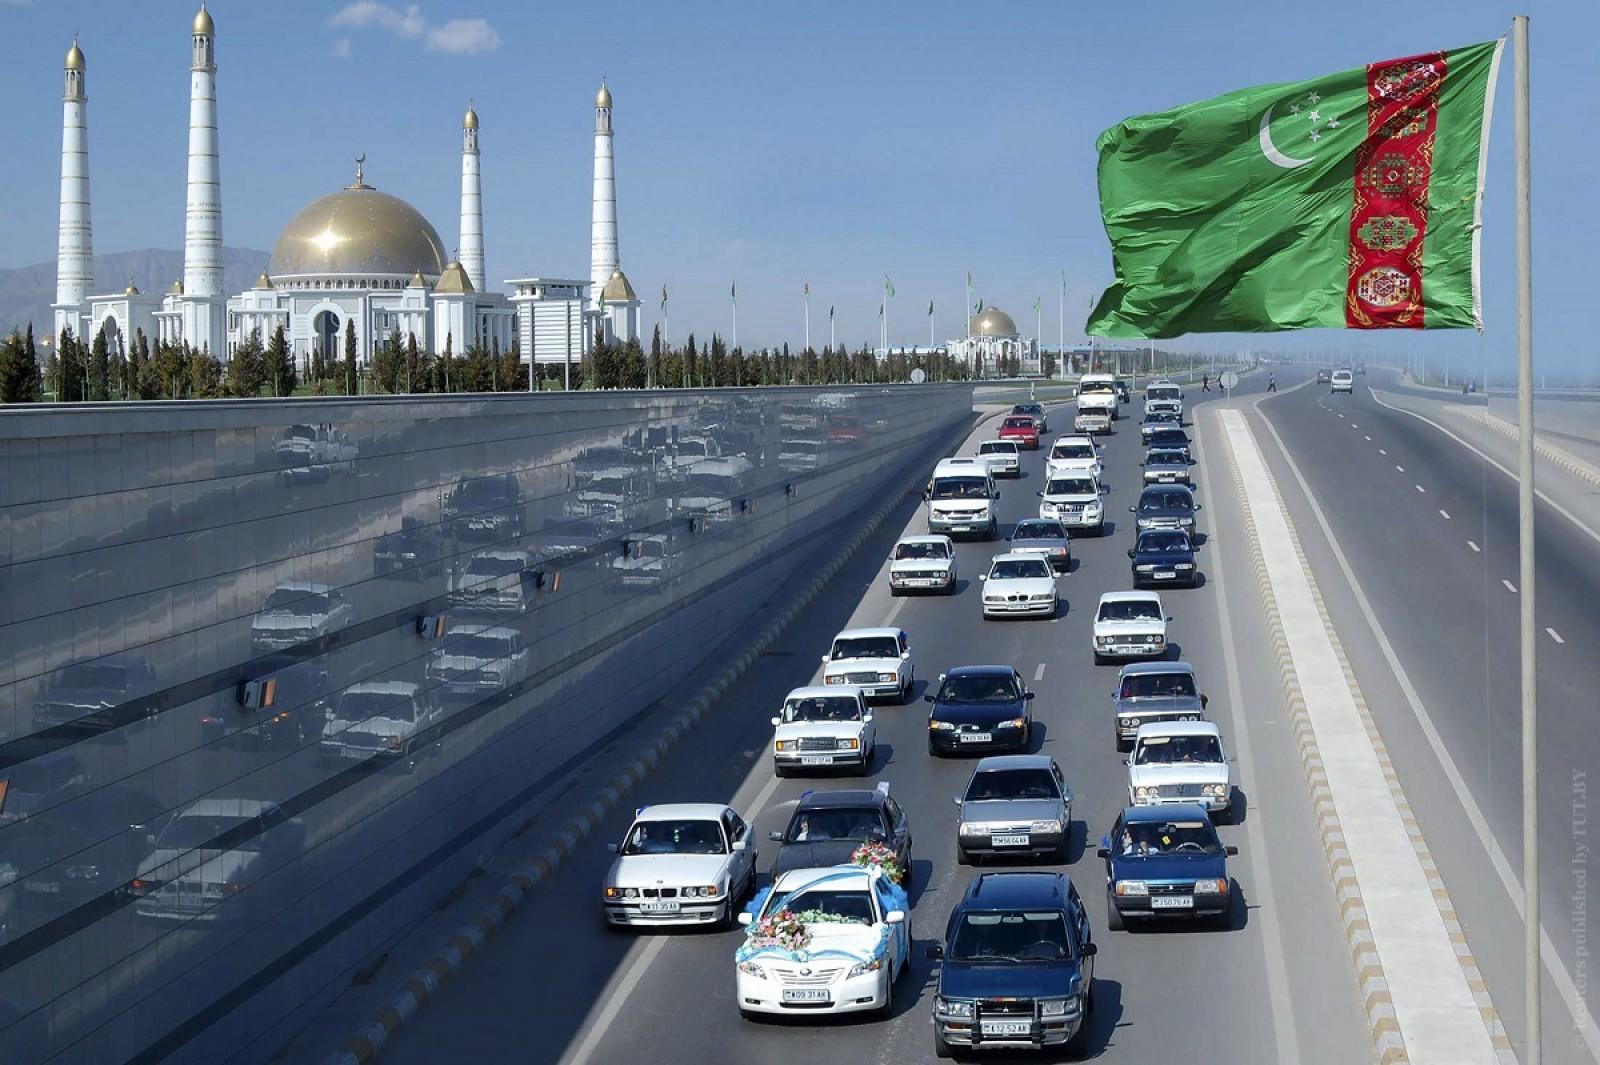 O nouă teroare pentru şoferii din Turkmenistan! Li se ridică maşinile dacă au plăcuţe cu numărul 77